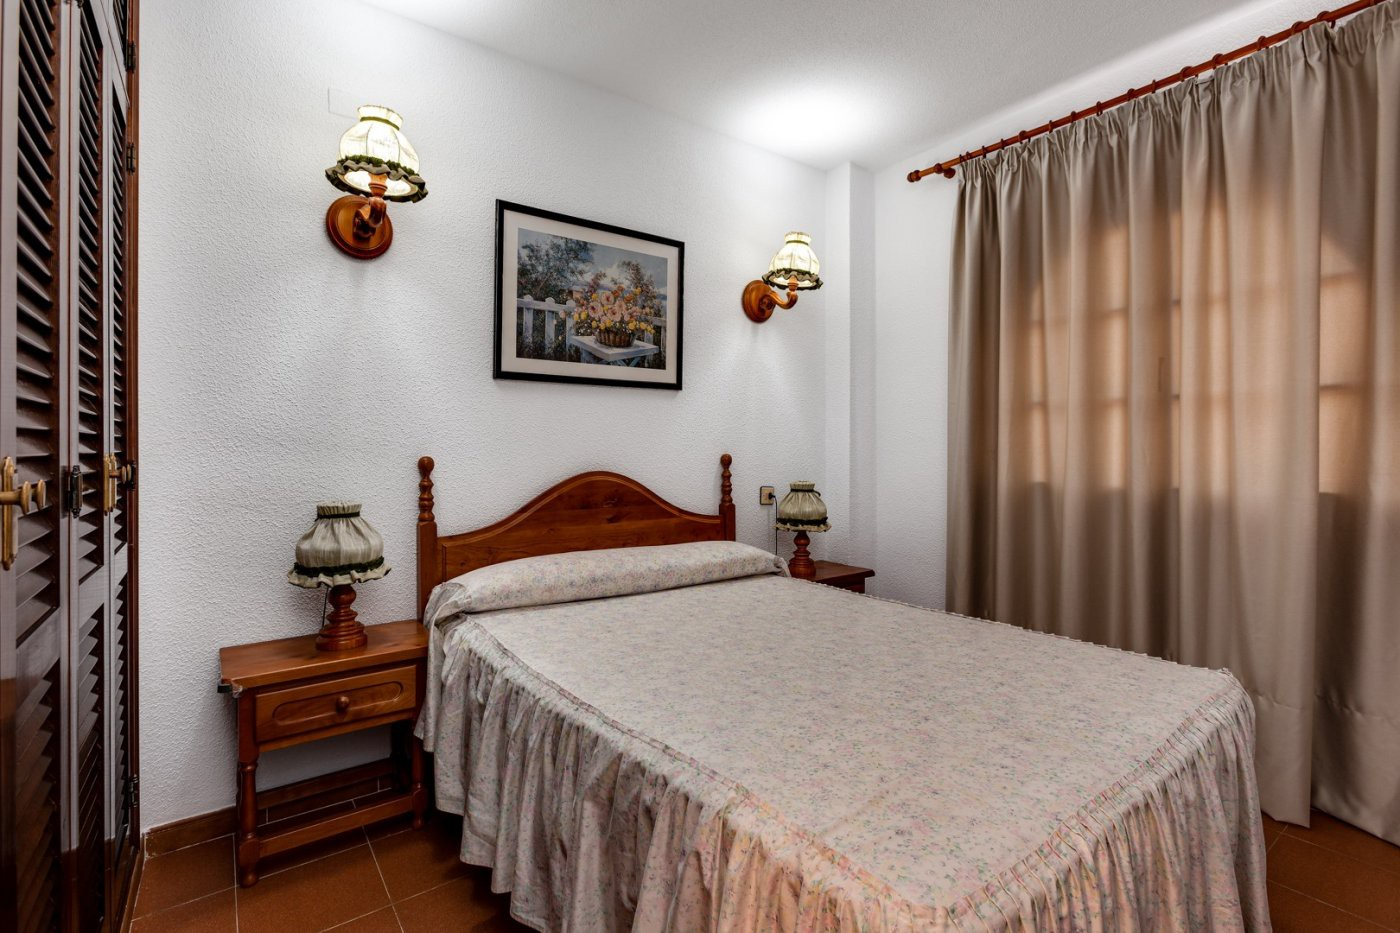 Sypialnia z podwójnym łóżkiem.